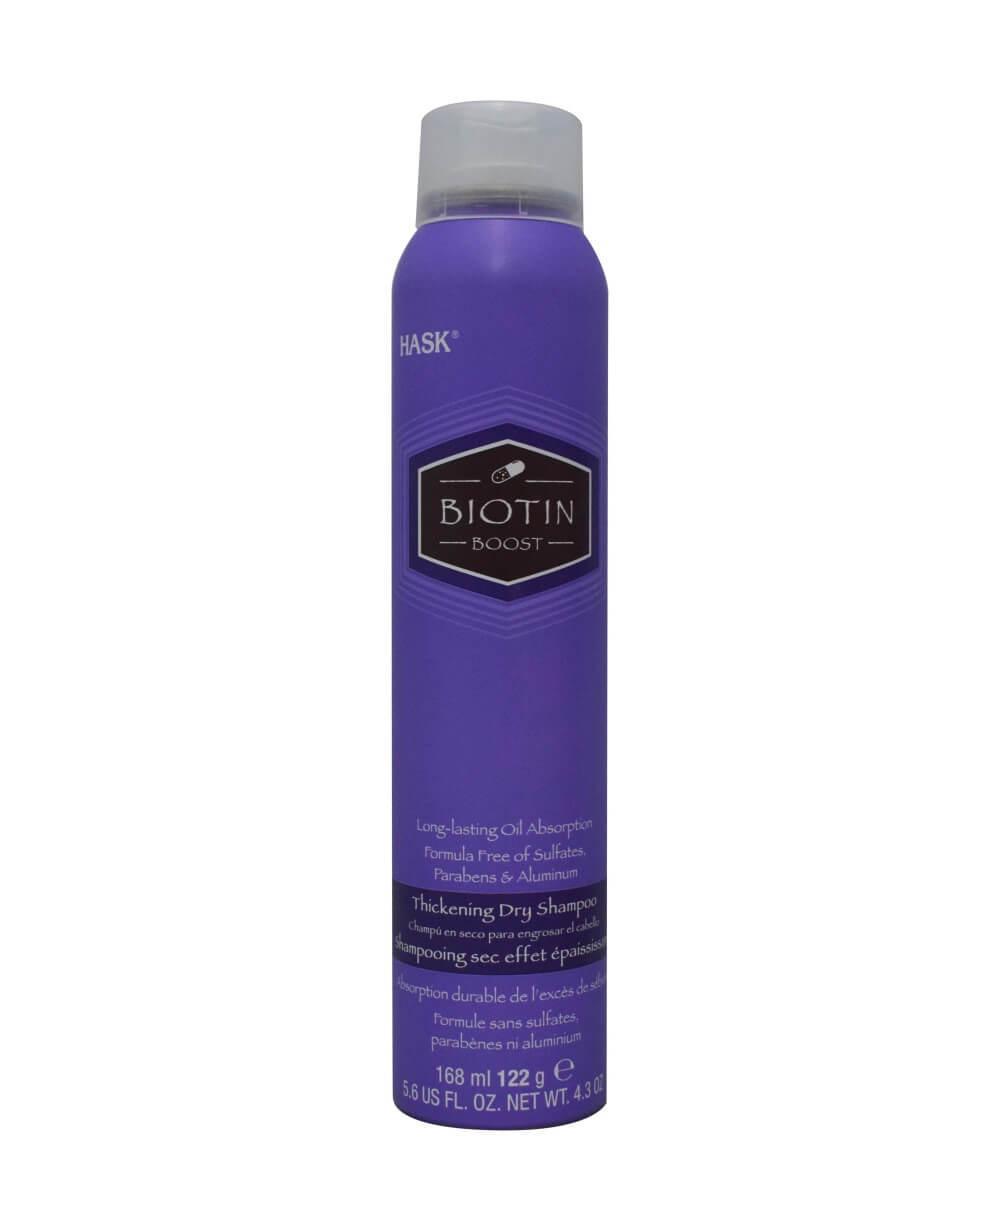 Hask Biotin Thickening Dry Shampoo 122g